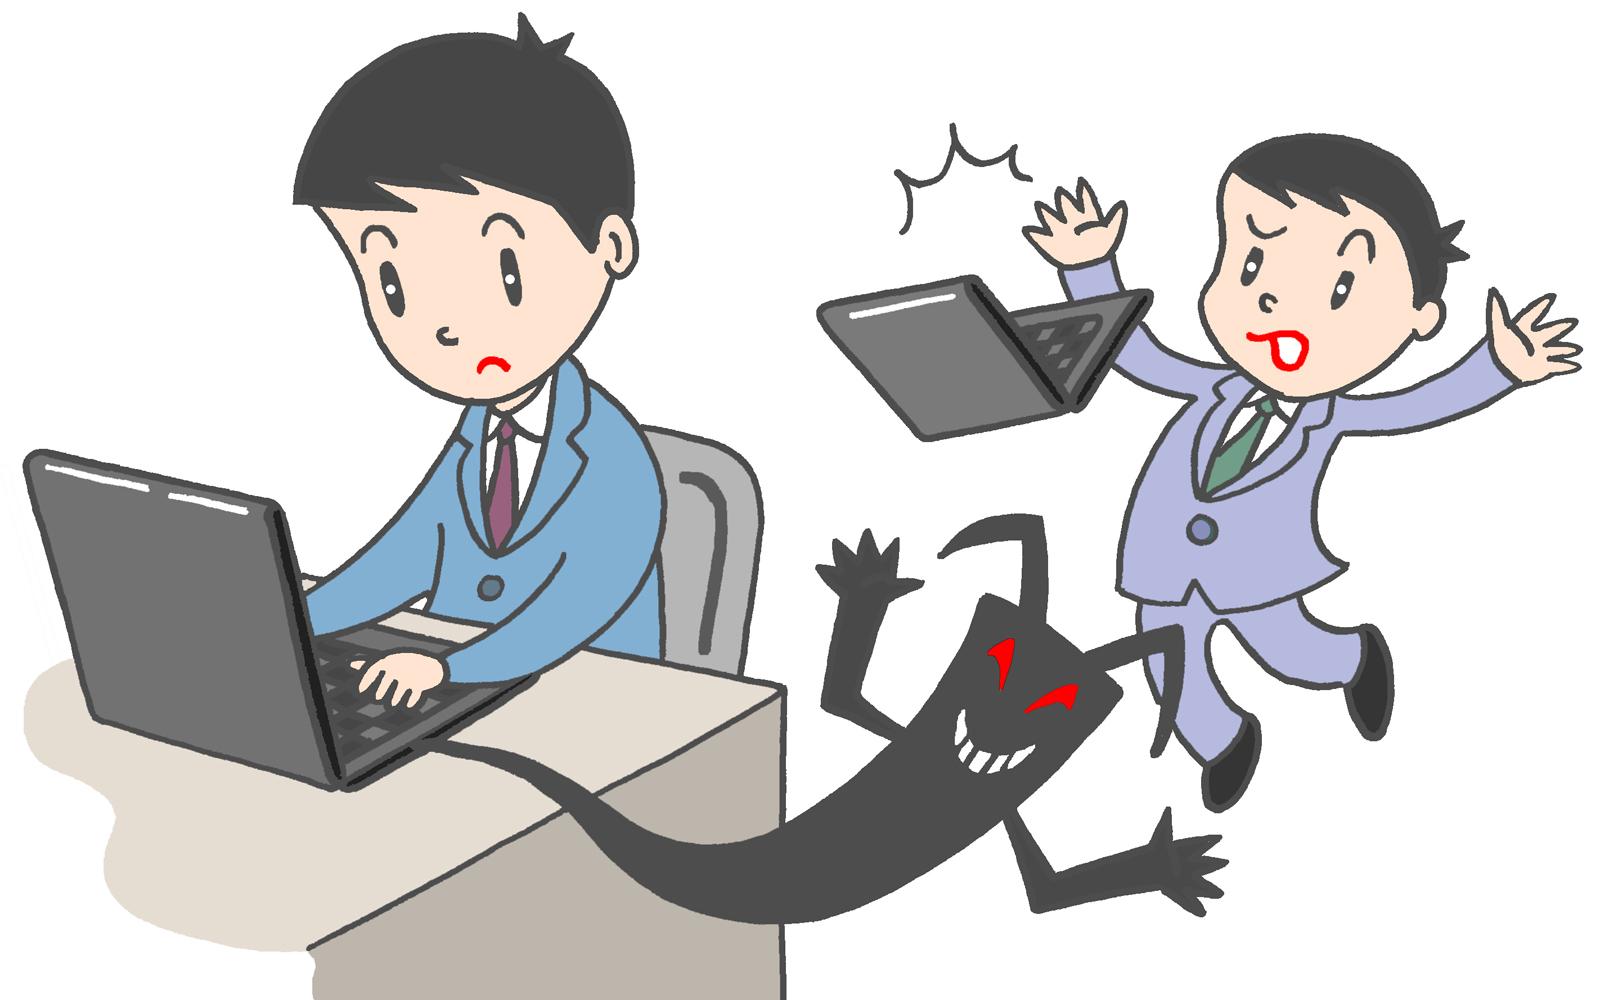 コンピュータウイルス.jpg